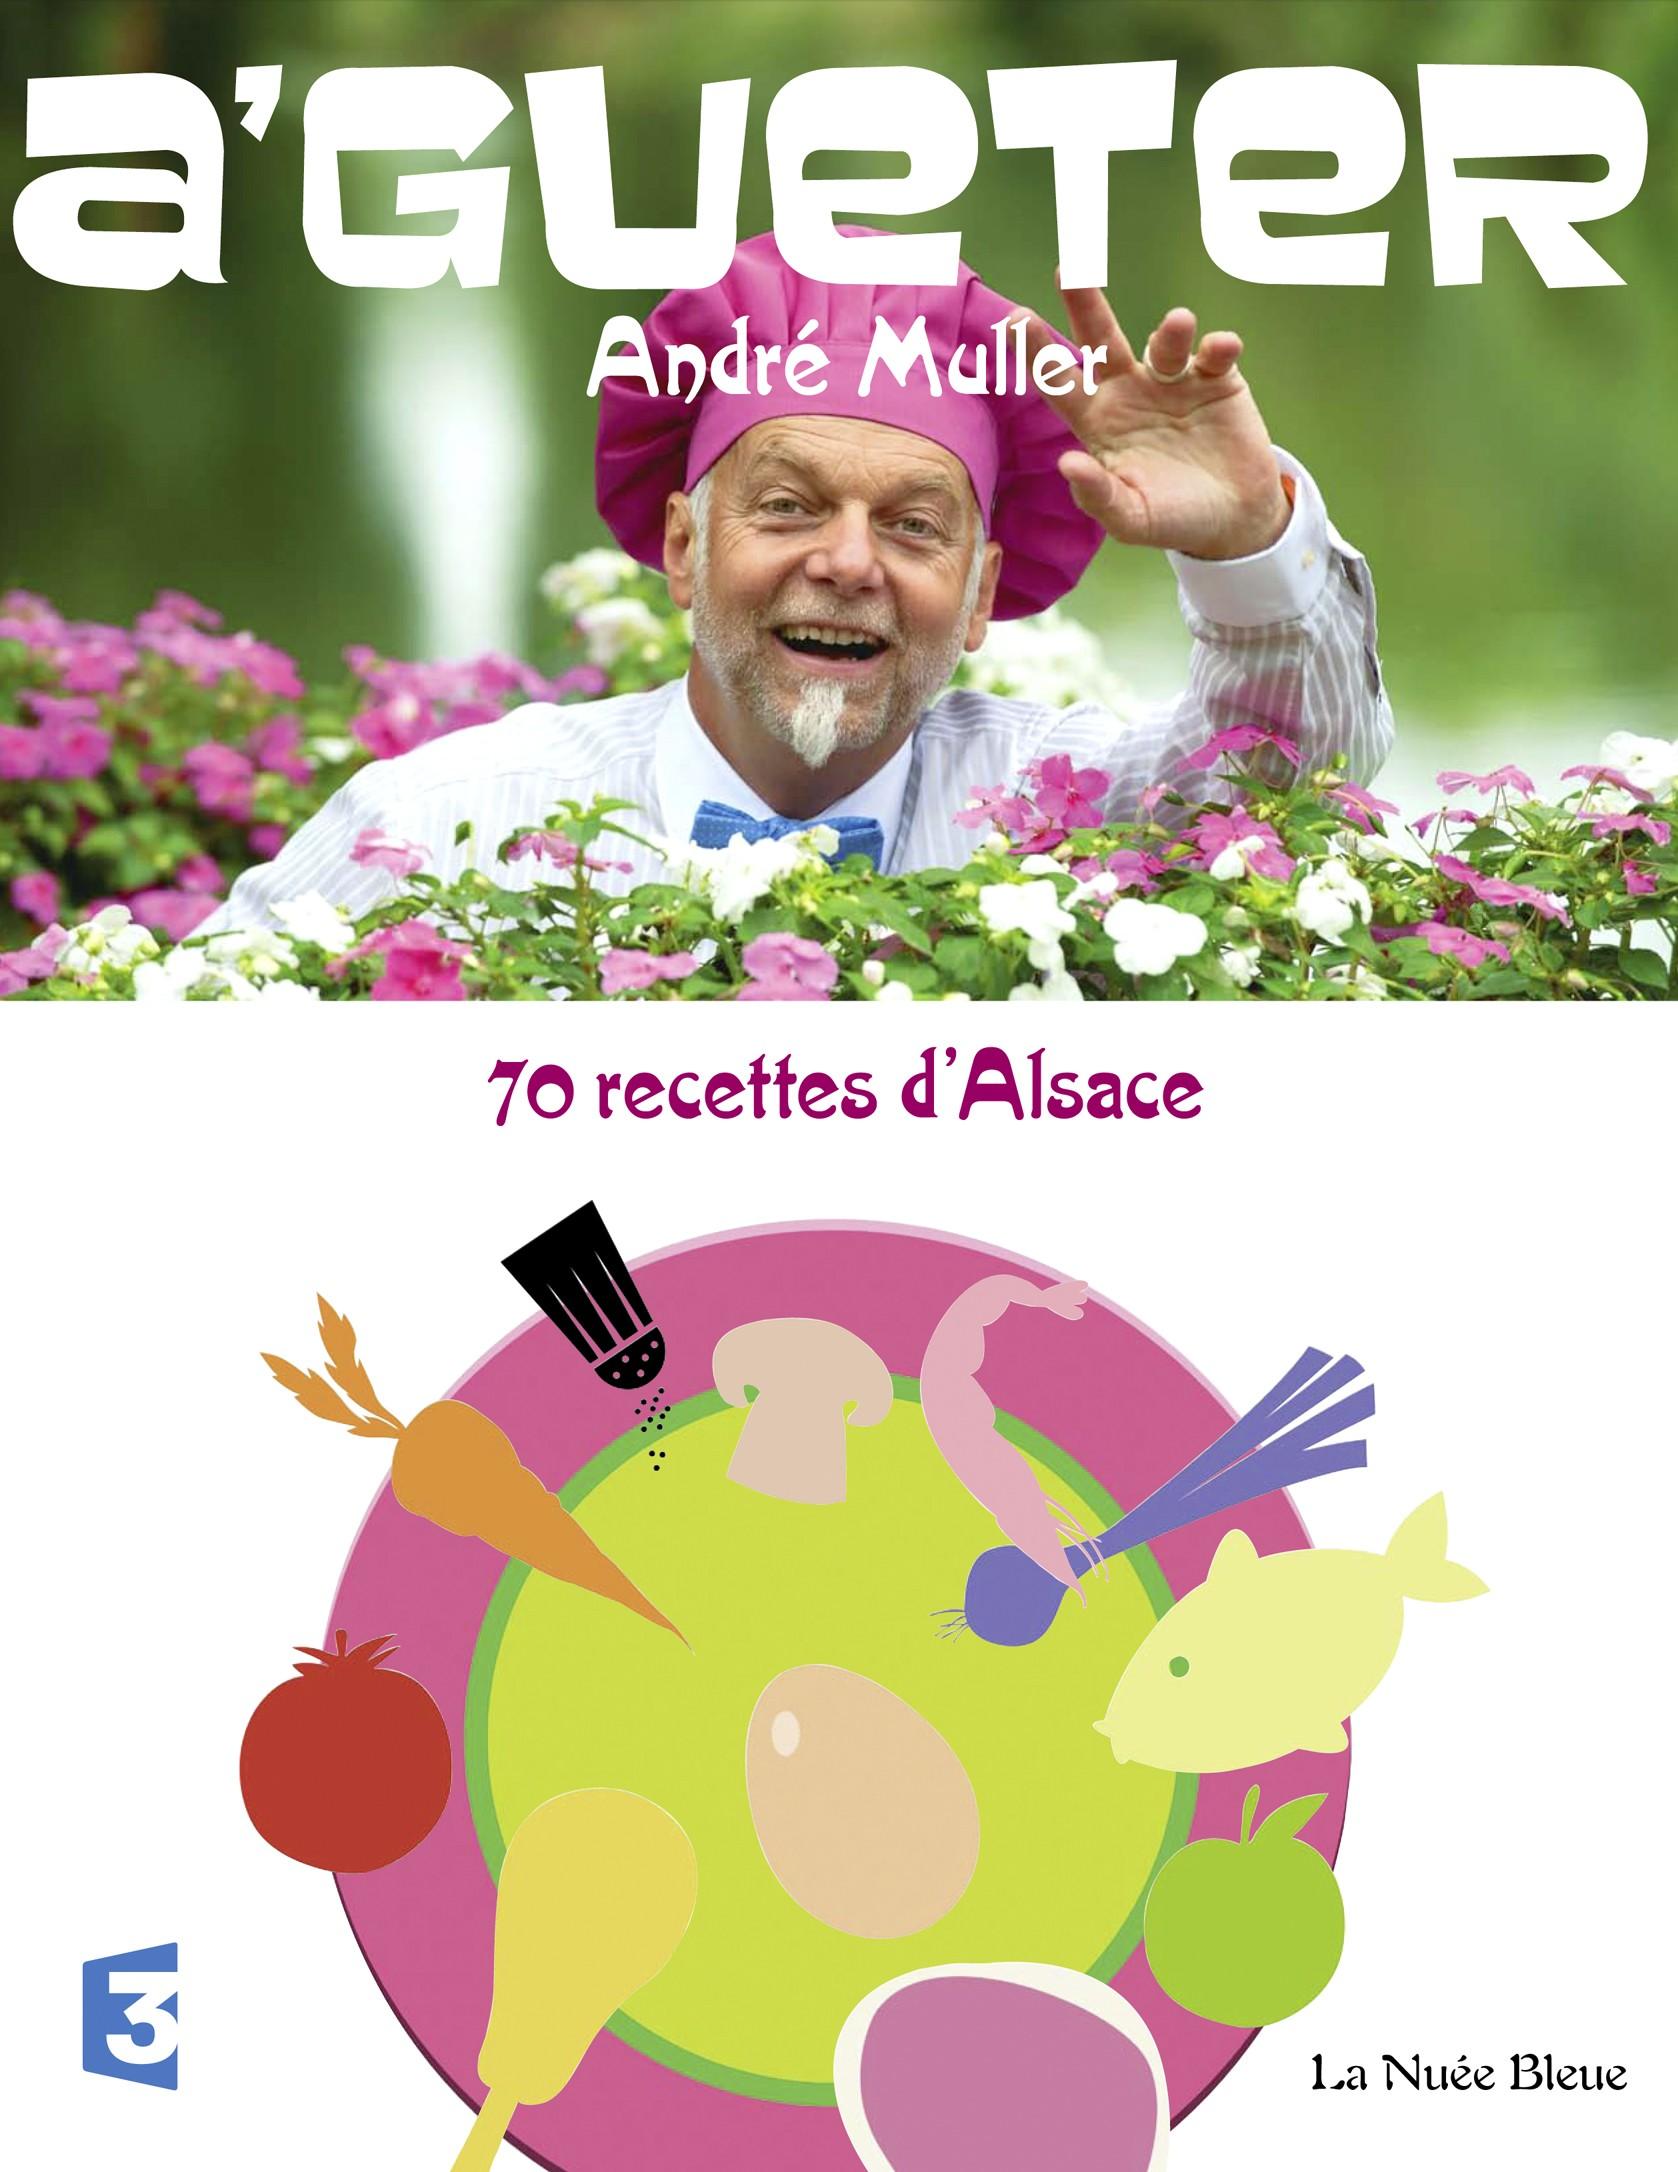 A'Gueter